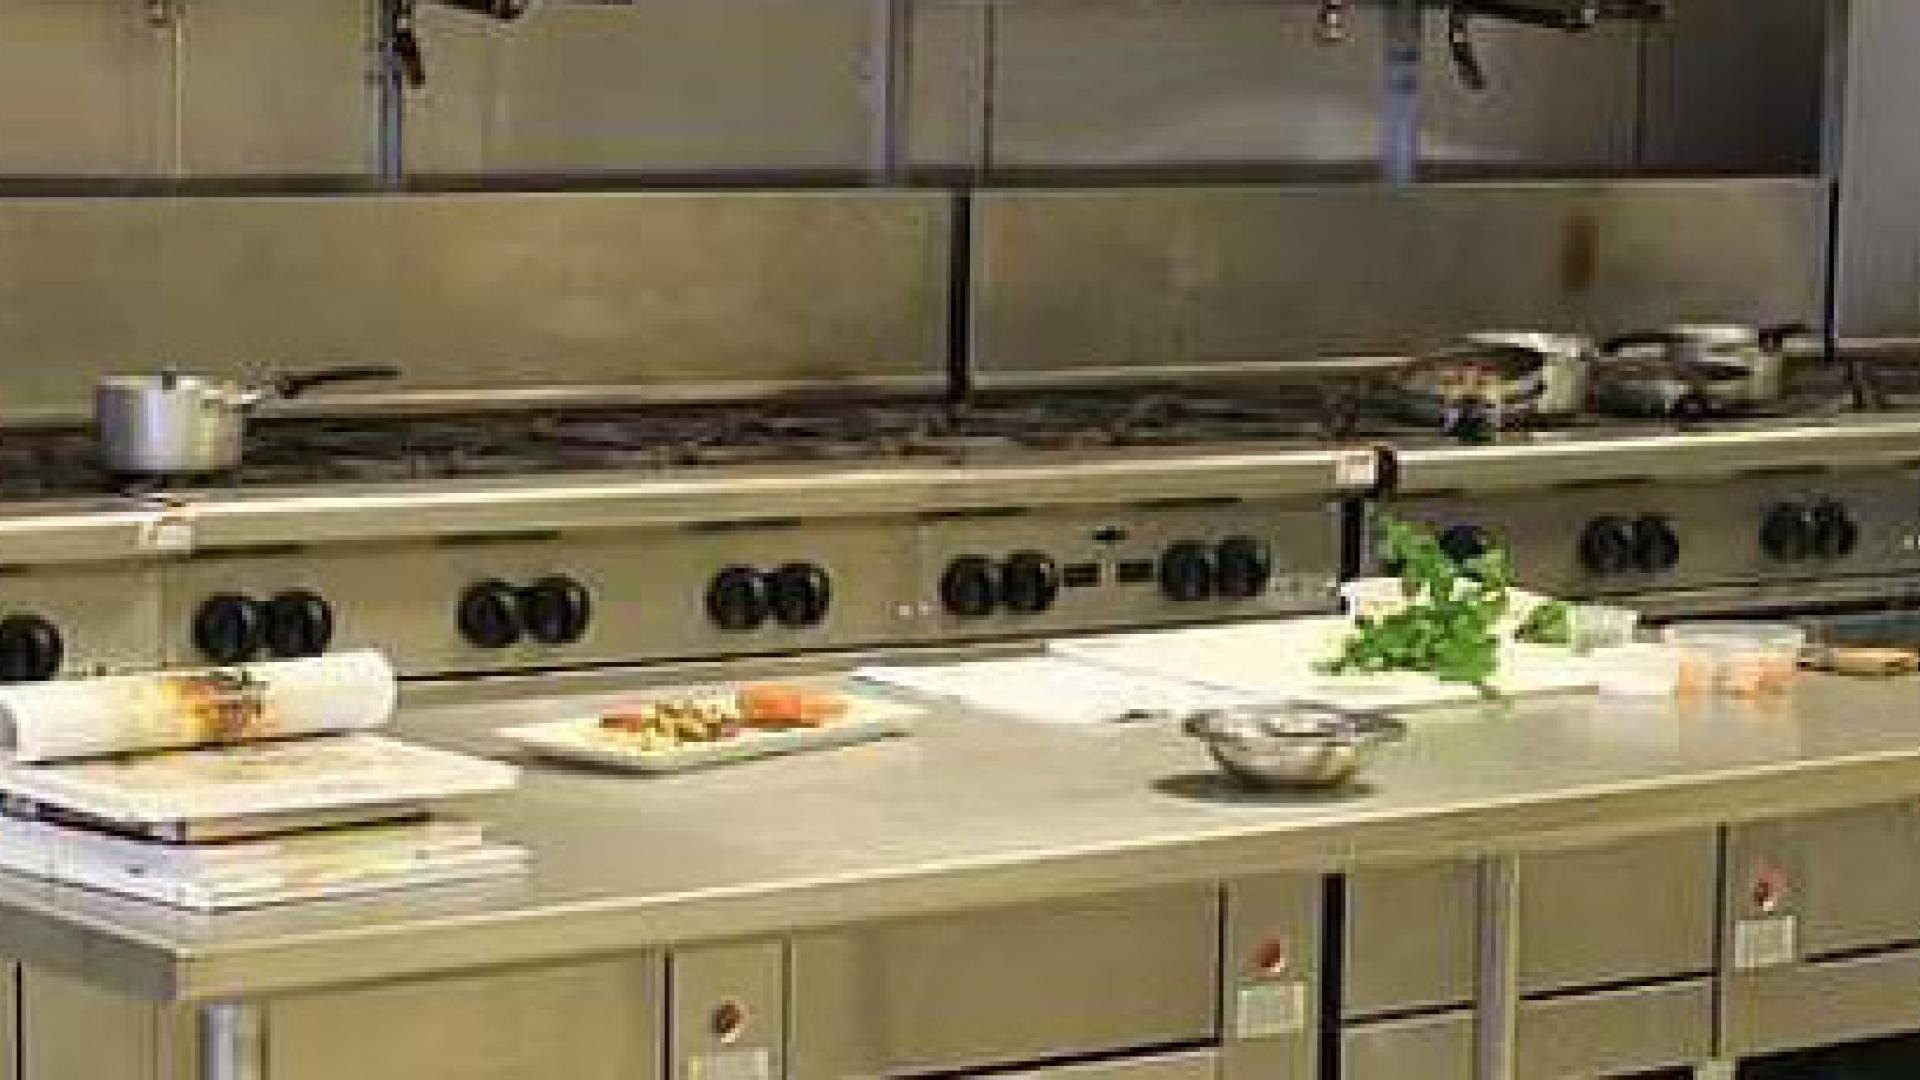 fornelli in cucina